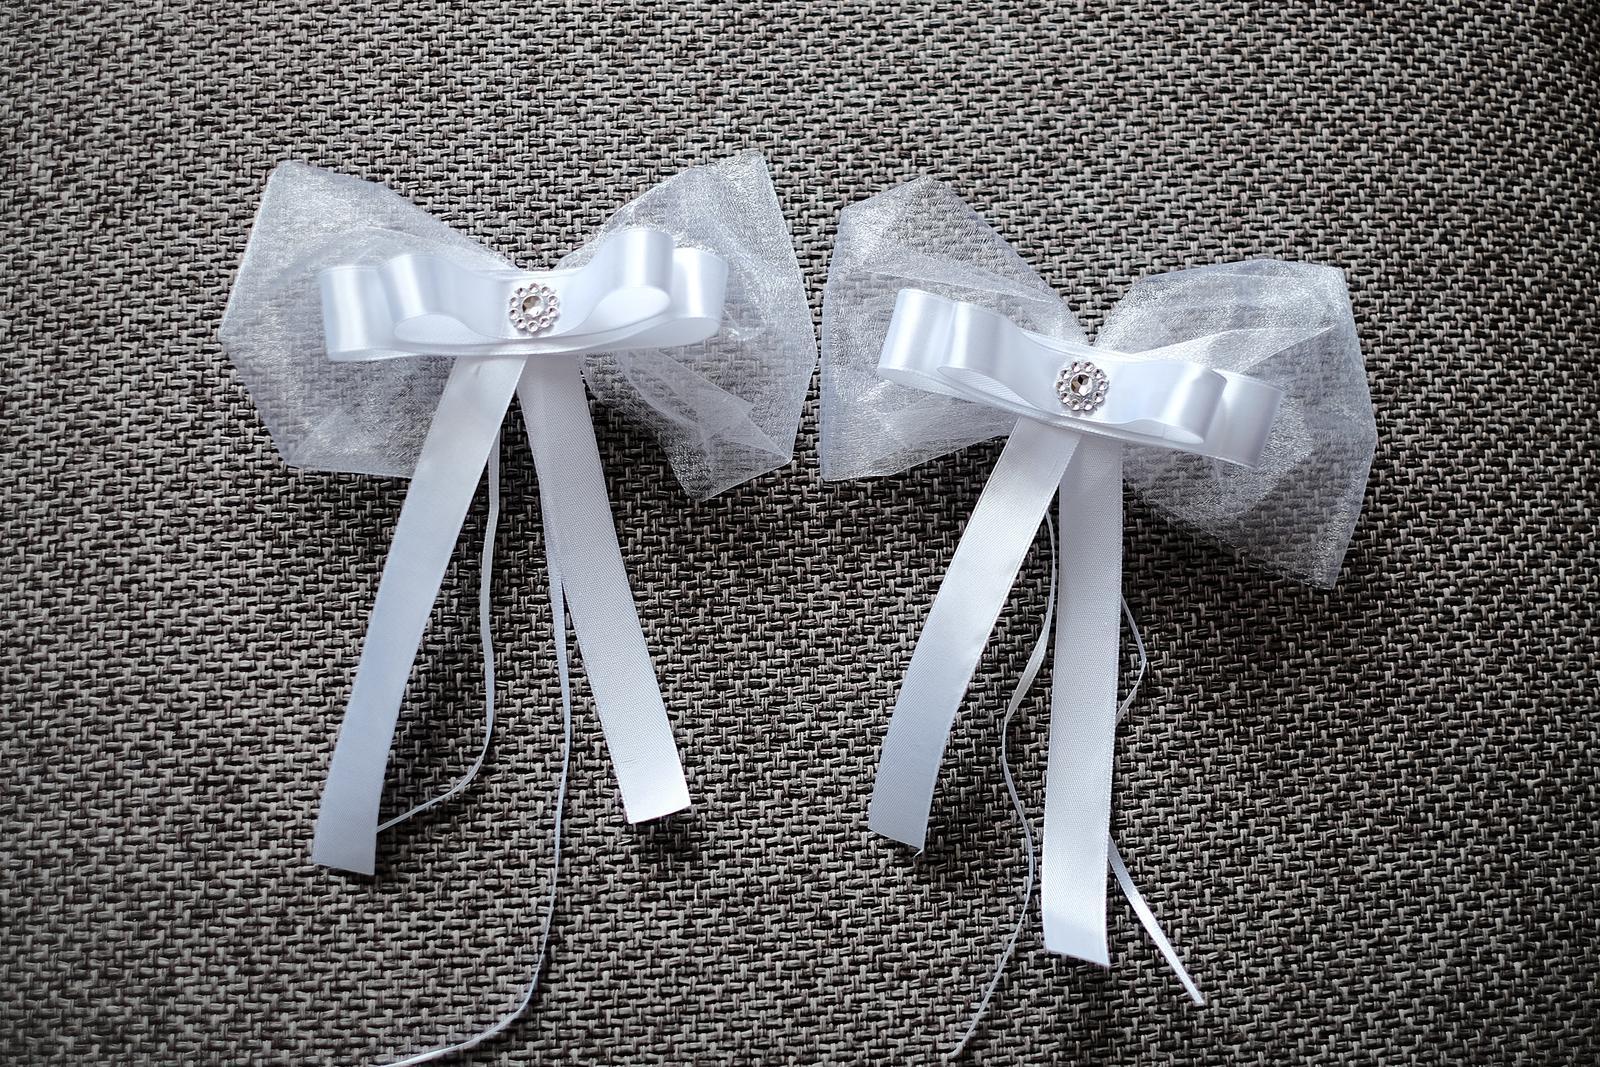 ♥ Prípravy v plnom prúde ♥ - Ozdobné mašle na autá svadobných hostí🎀